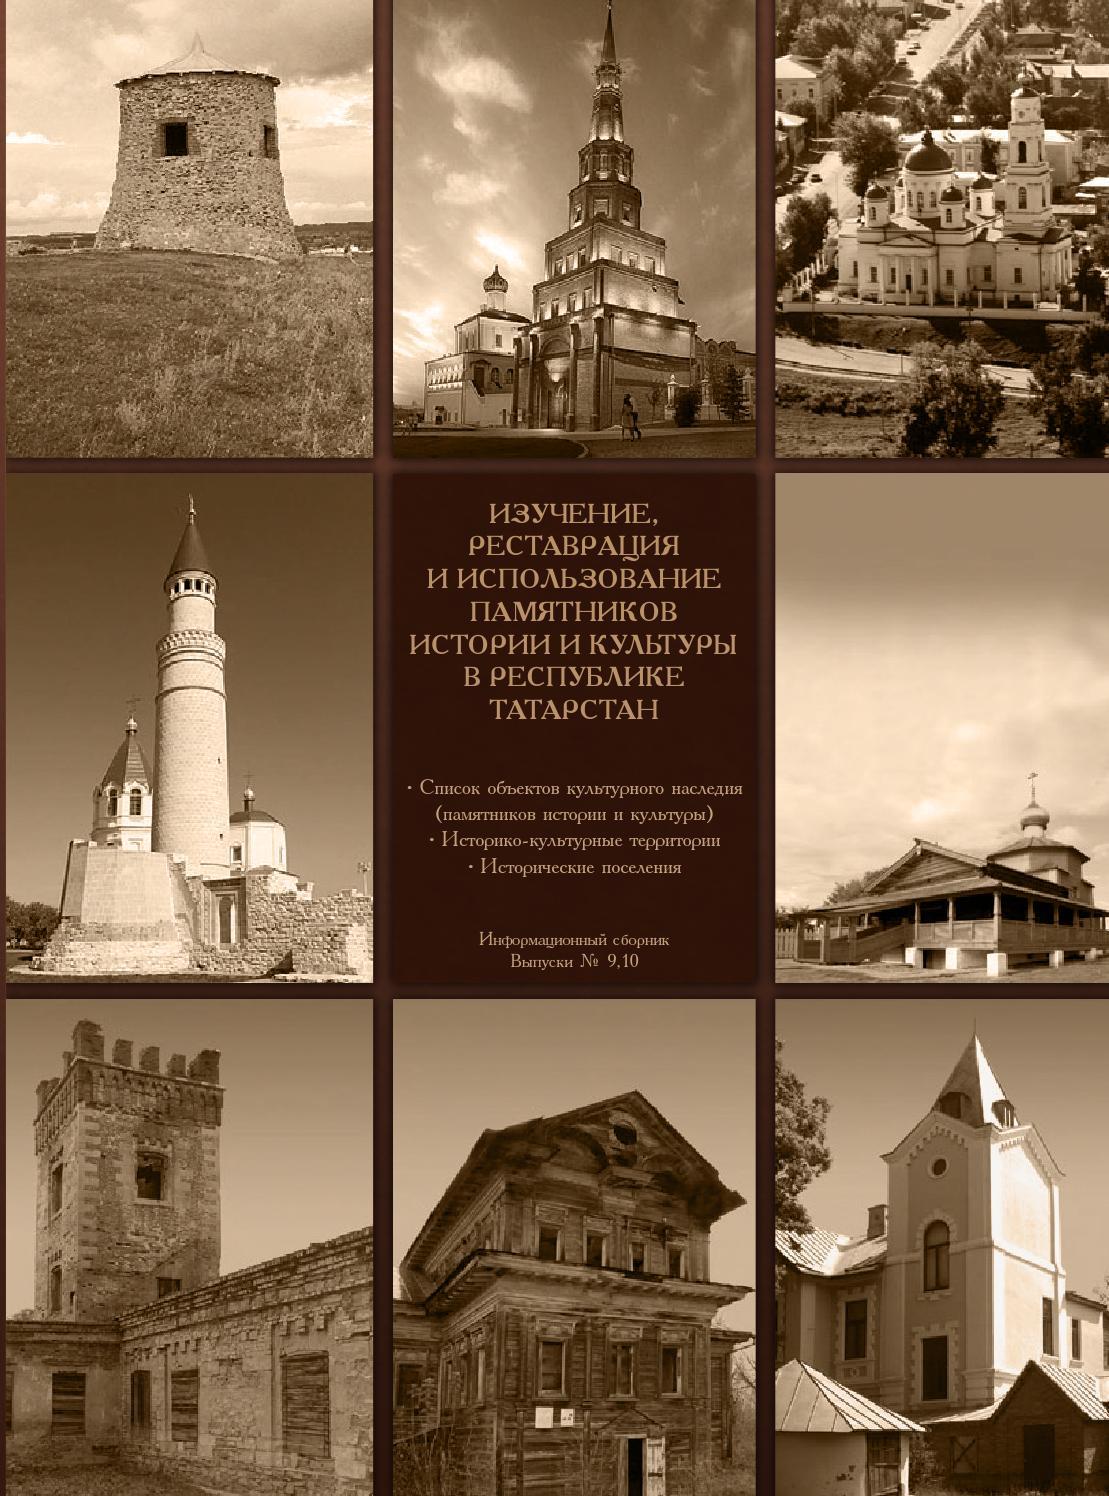 Мемориальный комплекс с барельефом в человеческий рост Мензелинск Шар. Габбро-диабаз Бежецк